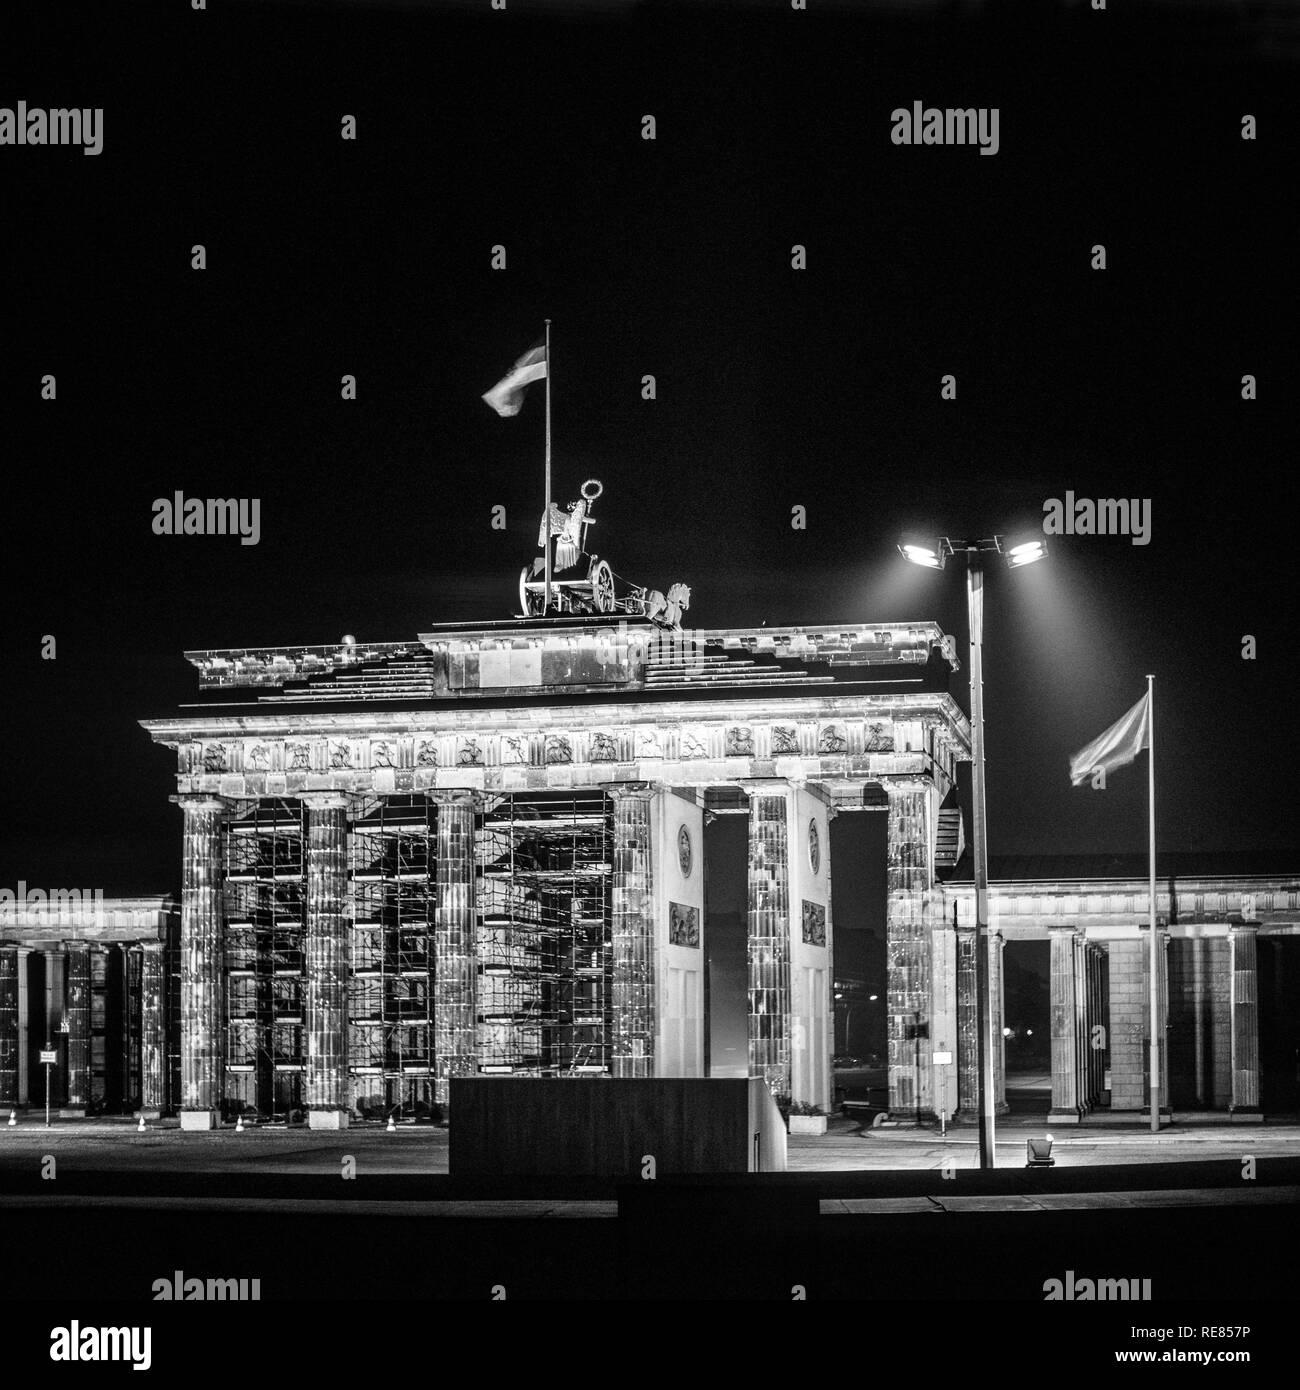 Agosto de 1986, iluminado por la noche en la Puerta de Brandenburgo de Berlín Oriental, Berlín occidental, Alemania, Europa, Imagen De Stock